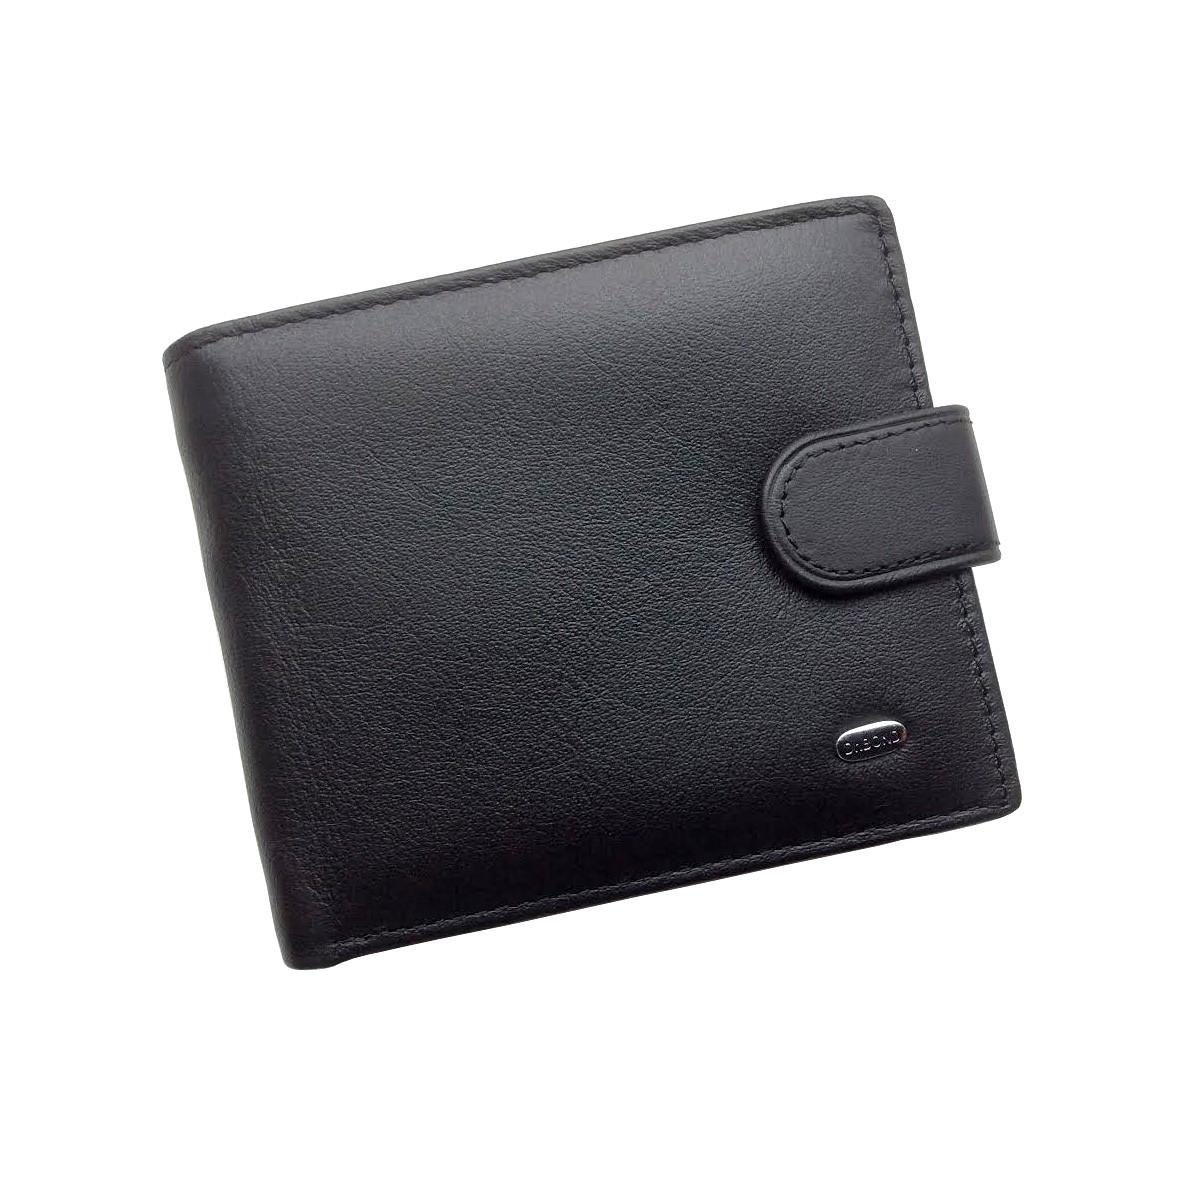 773047810de2 Мужской кошелек Dr. Bond Classic из натуральной кожи. Кожаное портмоне.  Черный и коричневый цвет.